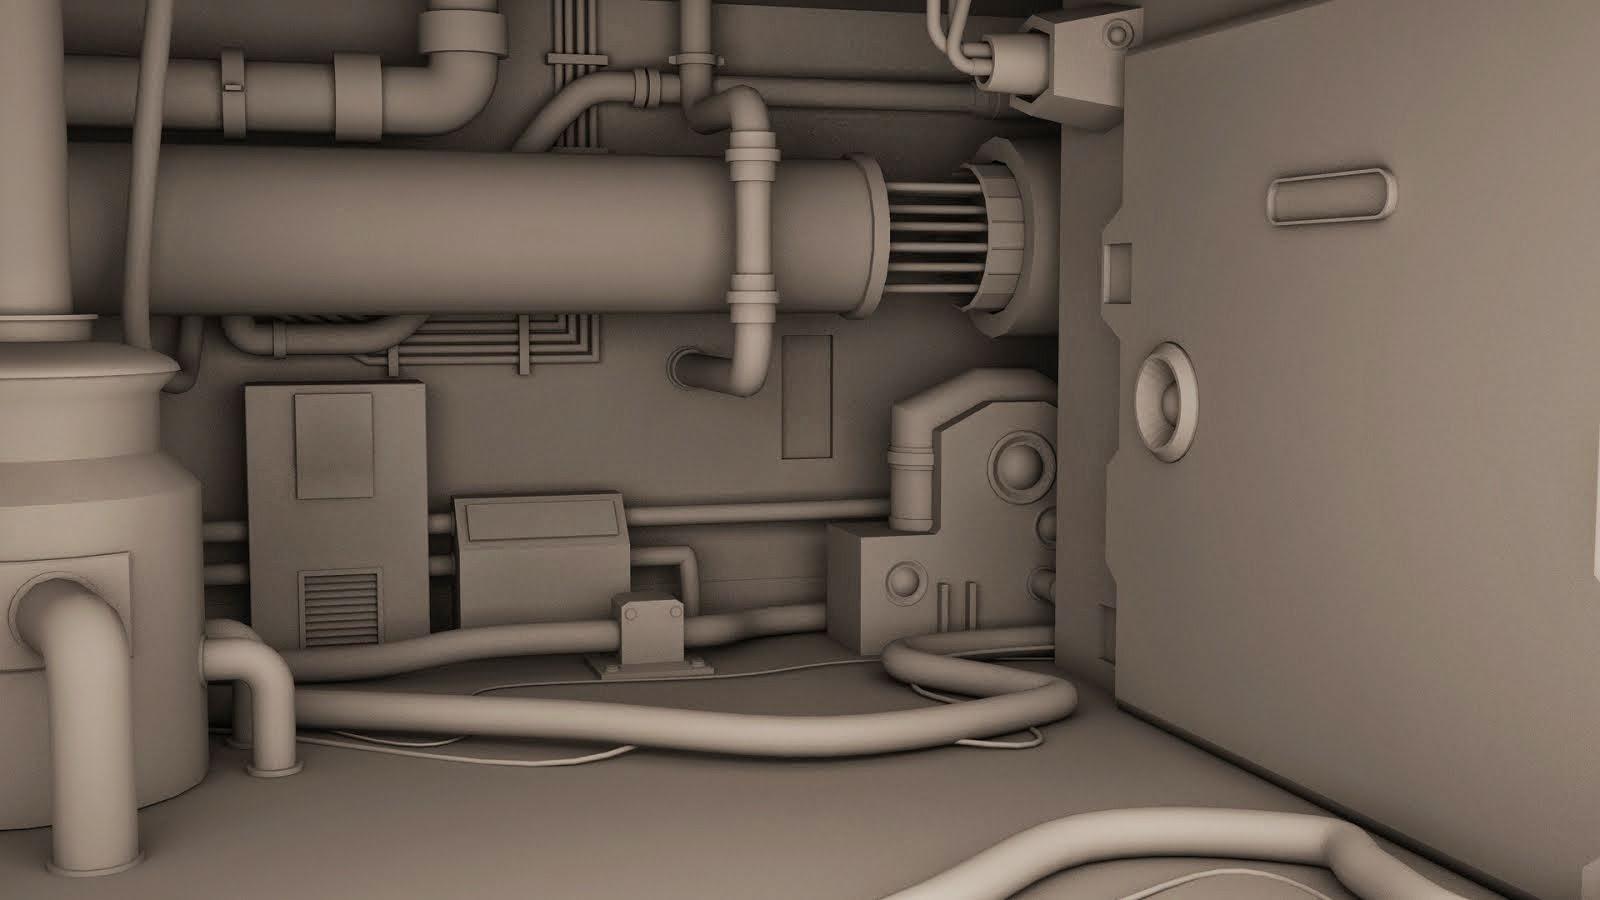 travail en cours de l'intérieur d'une usine a gaz